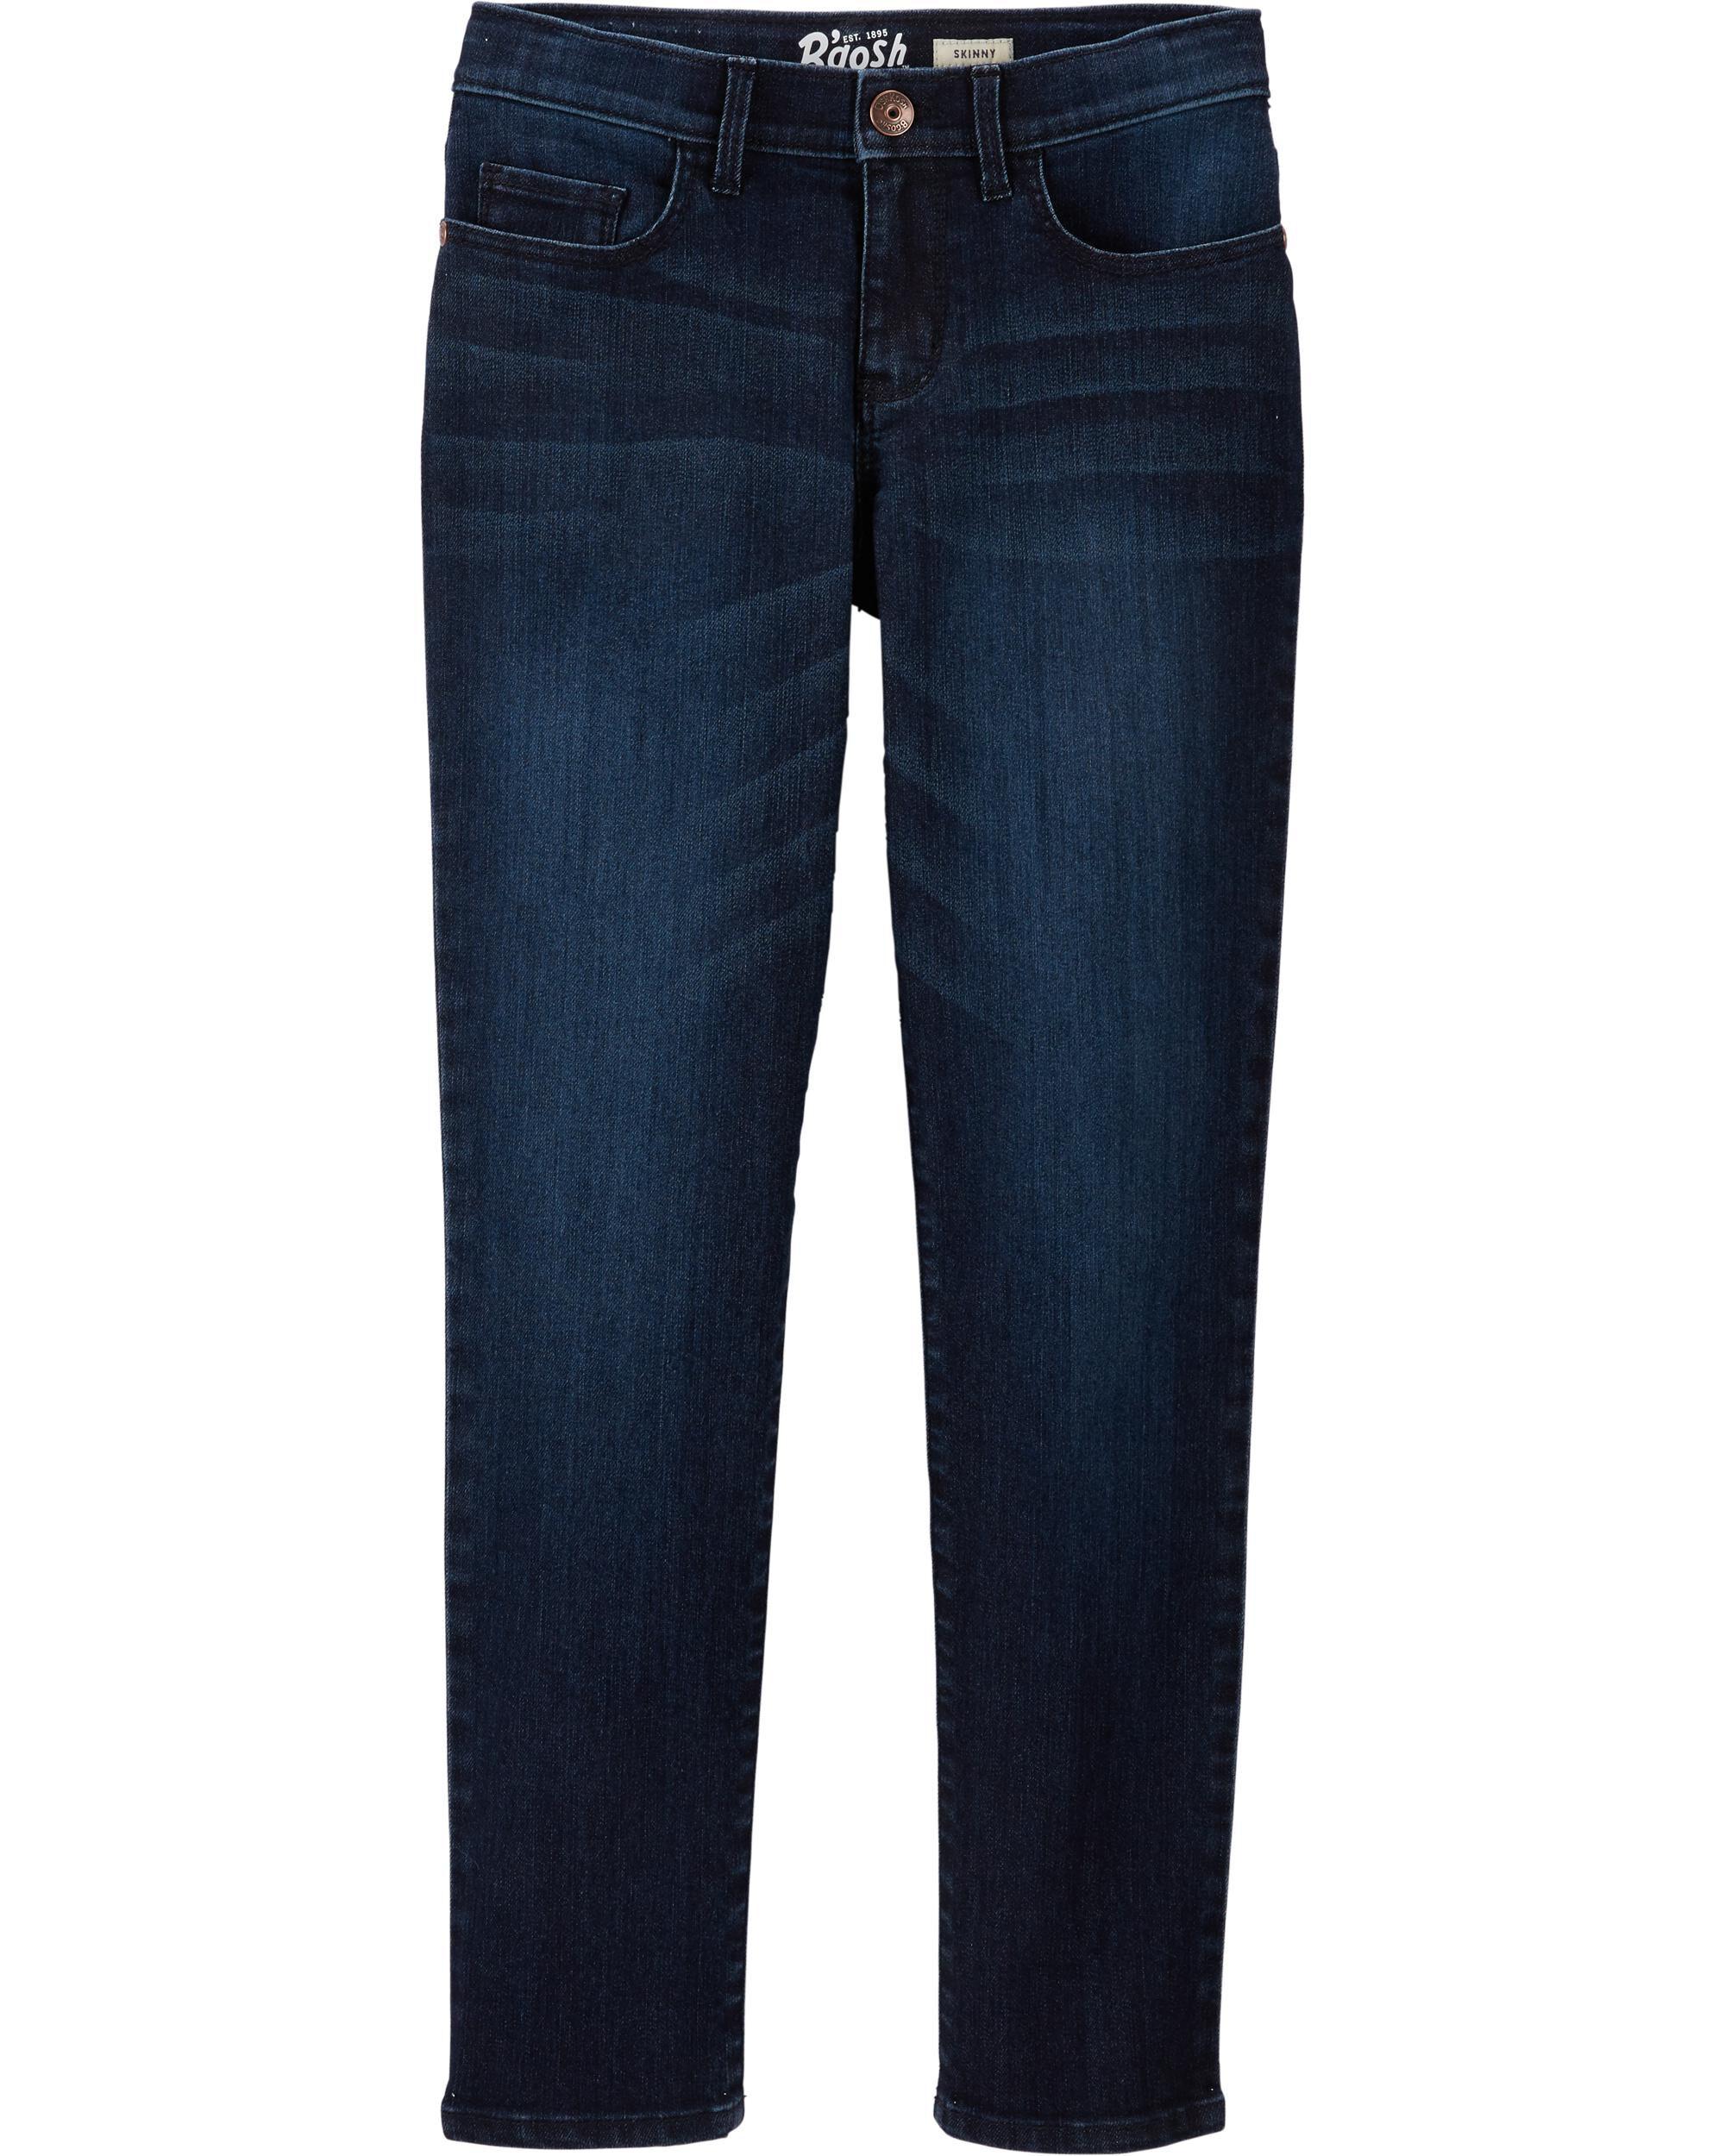 *DOORBUSTER* Skinny Jeans - Heritage Rinse Wash